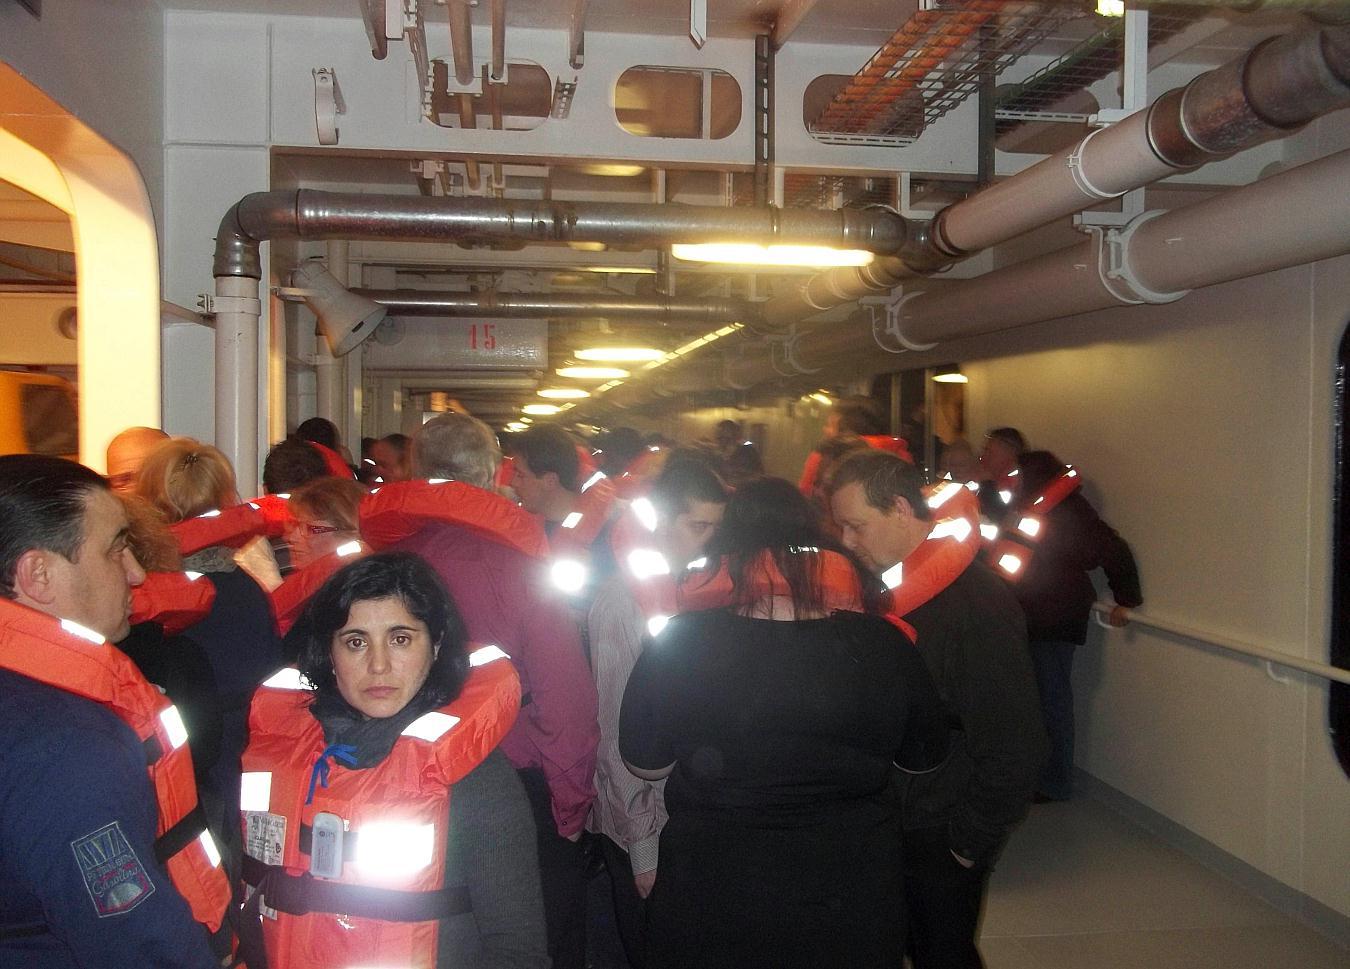 Drill Press Guard >> Cruise Ship Costa Concordia Grounding Photos